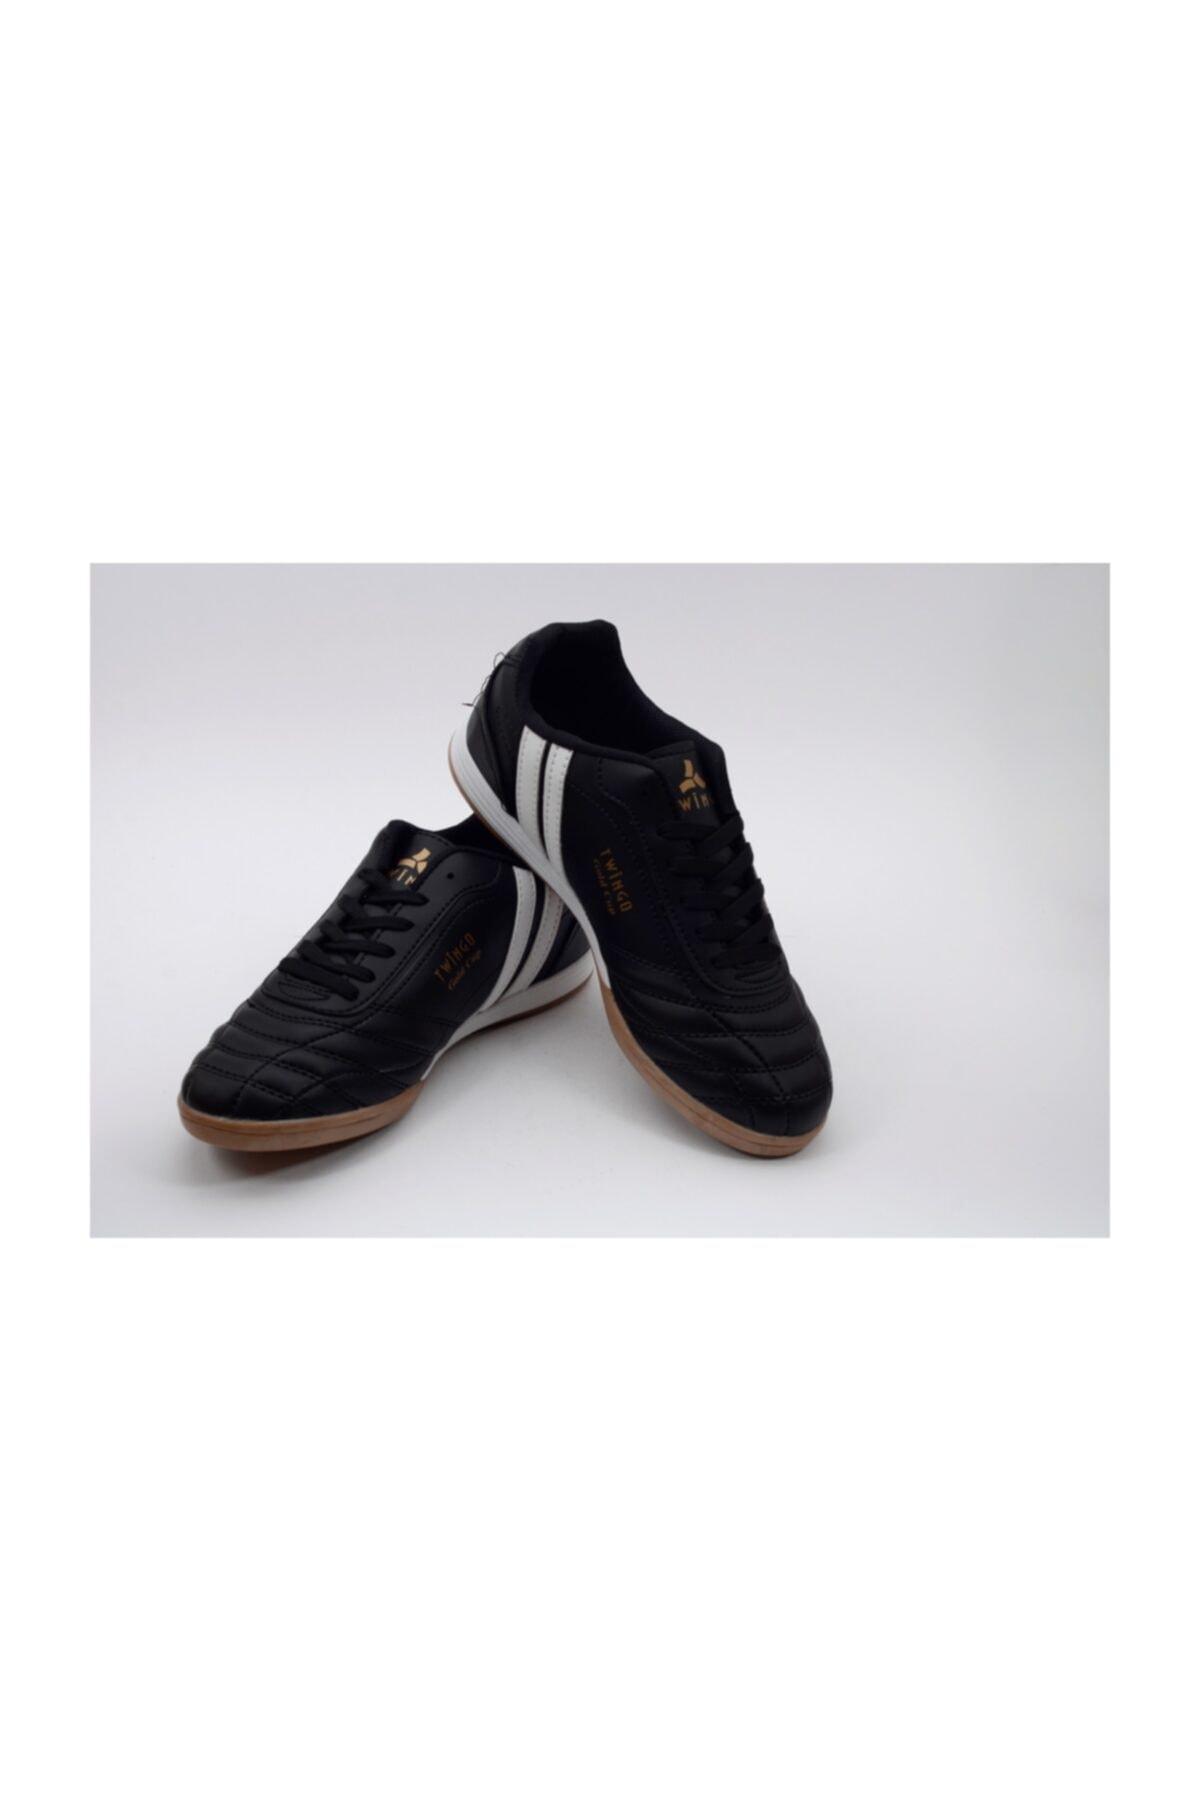 Twingo Spor Ayakkabı Futsal 2